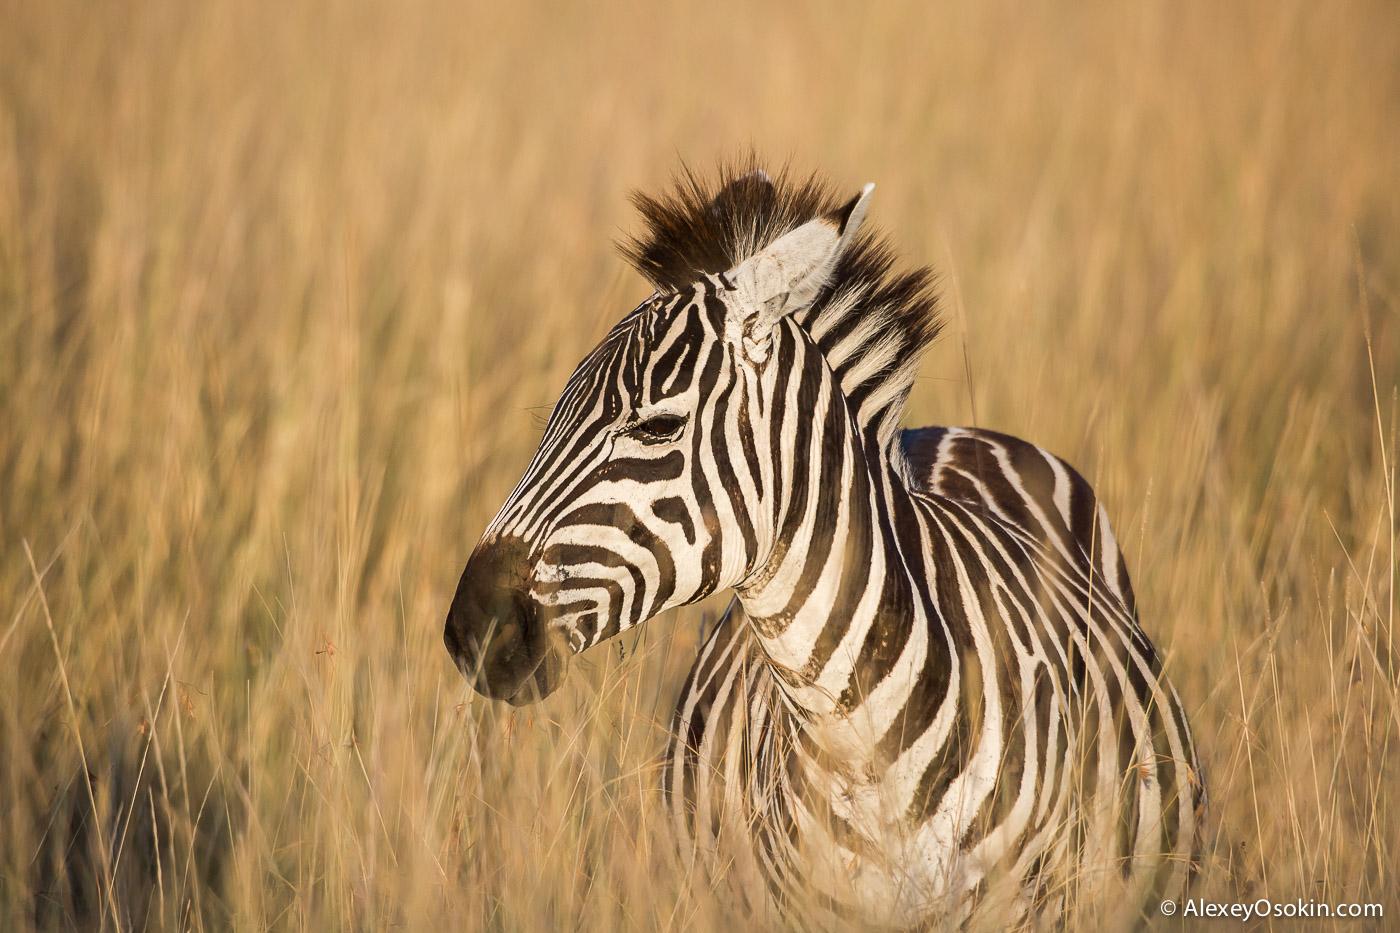 zebras_aug.2015_ao-3.jpg